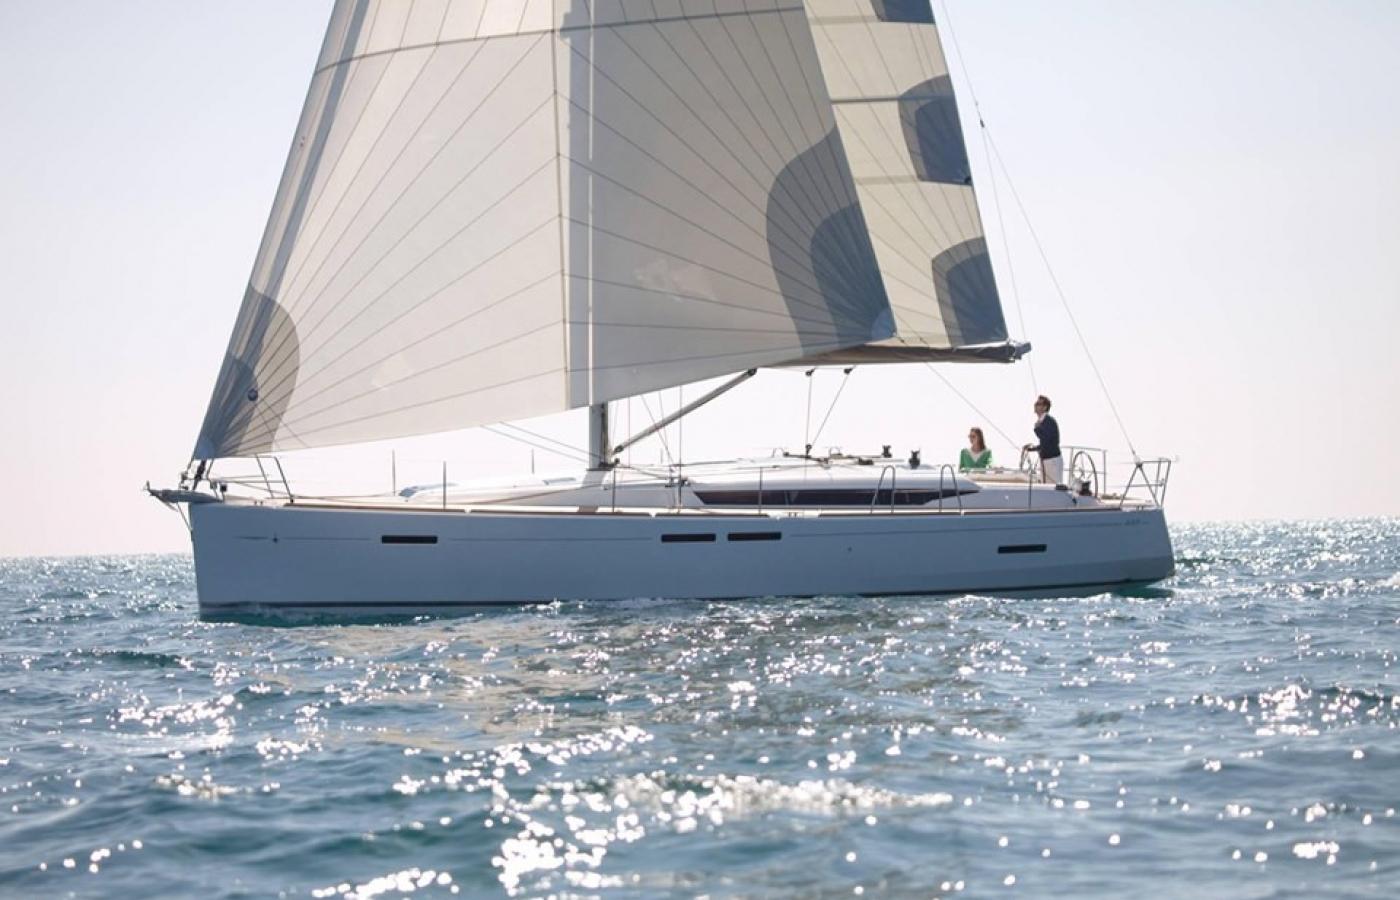 Jeanneau Sun Odyssey 449 – Lavrio